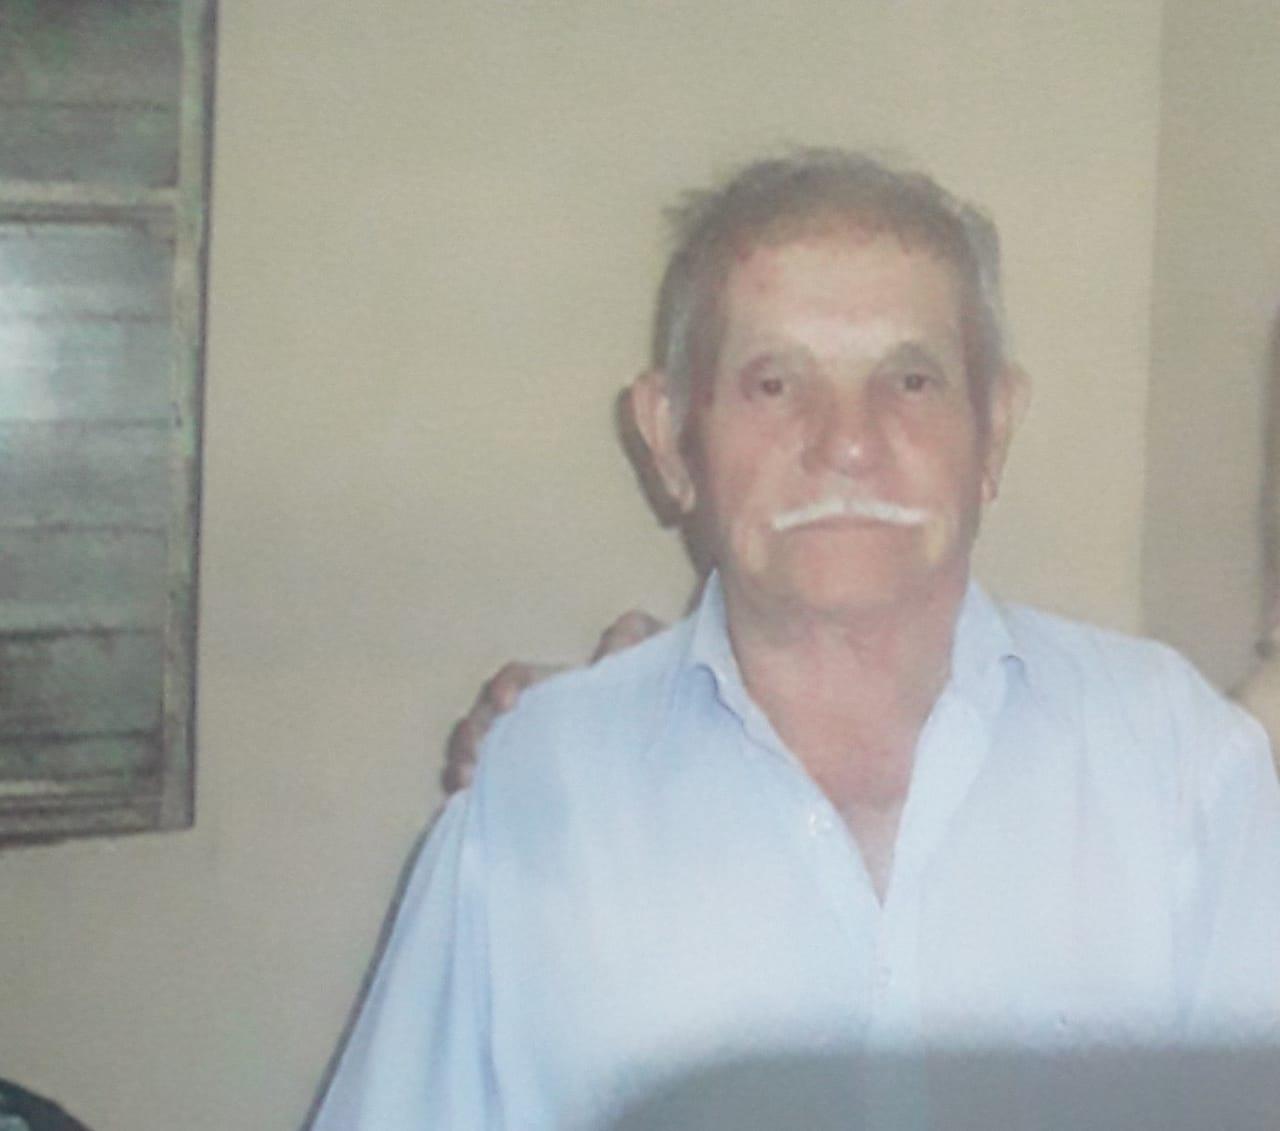 Imagem de Sindserv Santo André lamenta morte do aposentado mais uma vítima da COVID-19